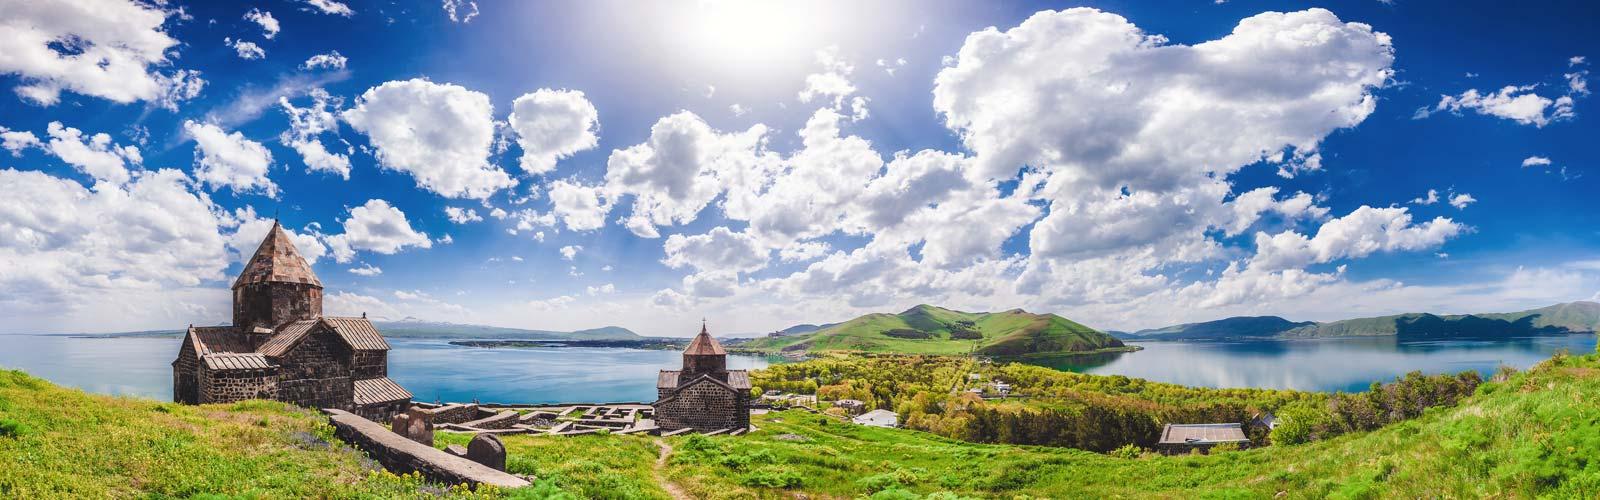 Viaje a Armenia. 16 Jul.